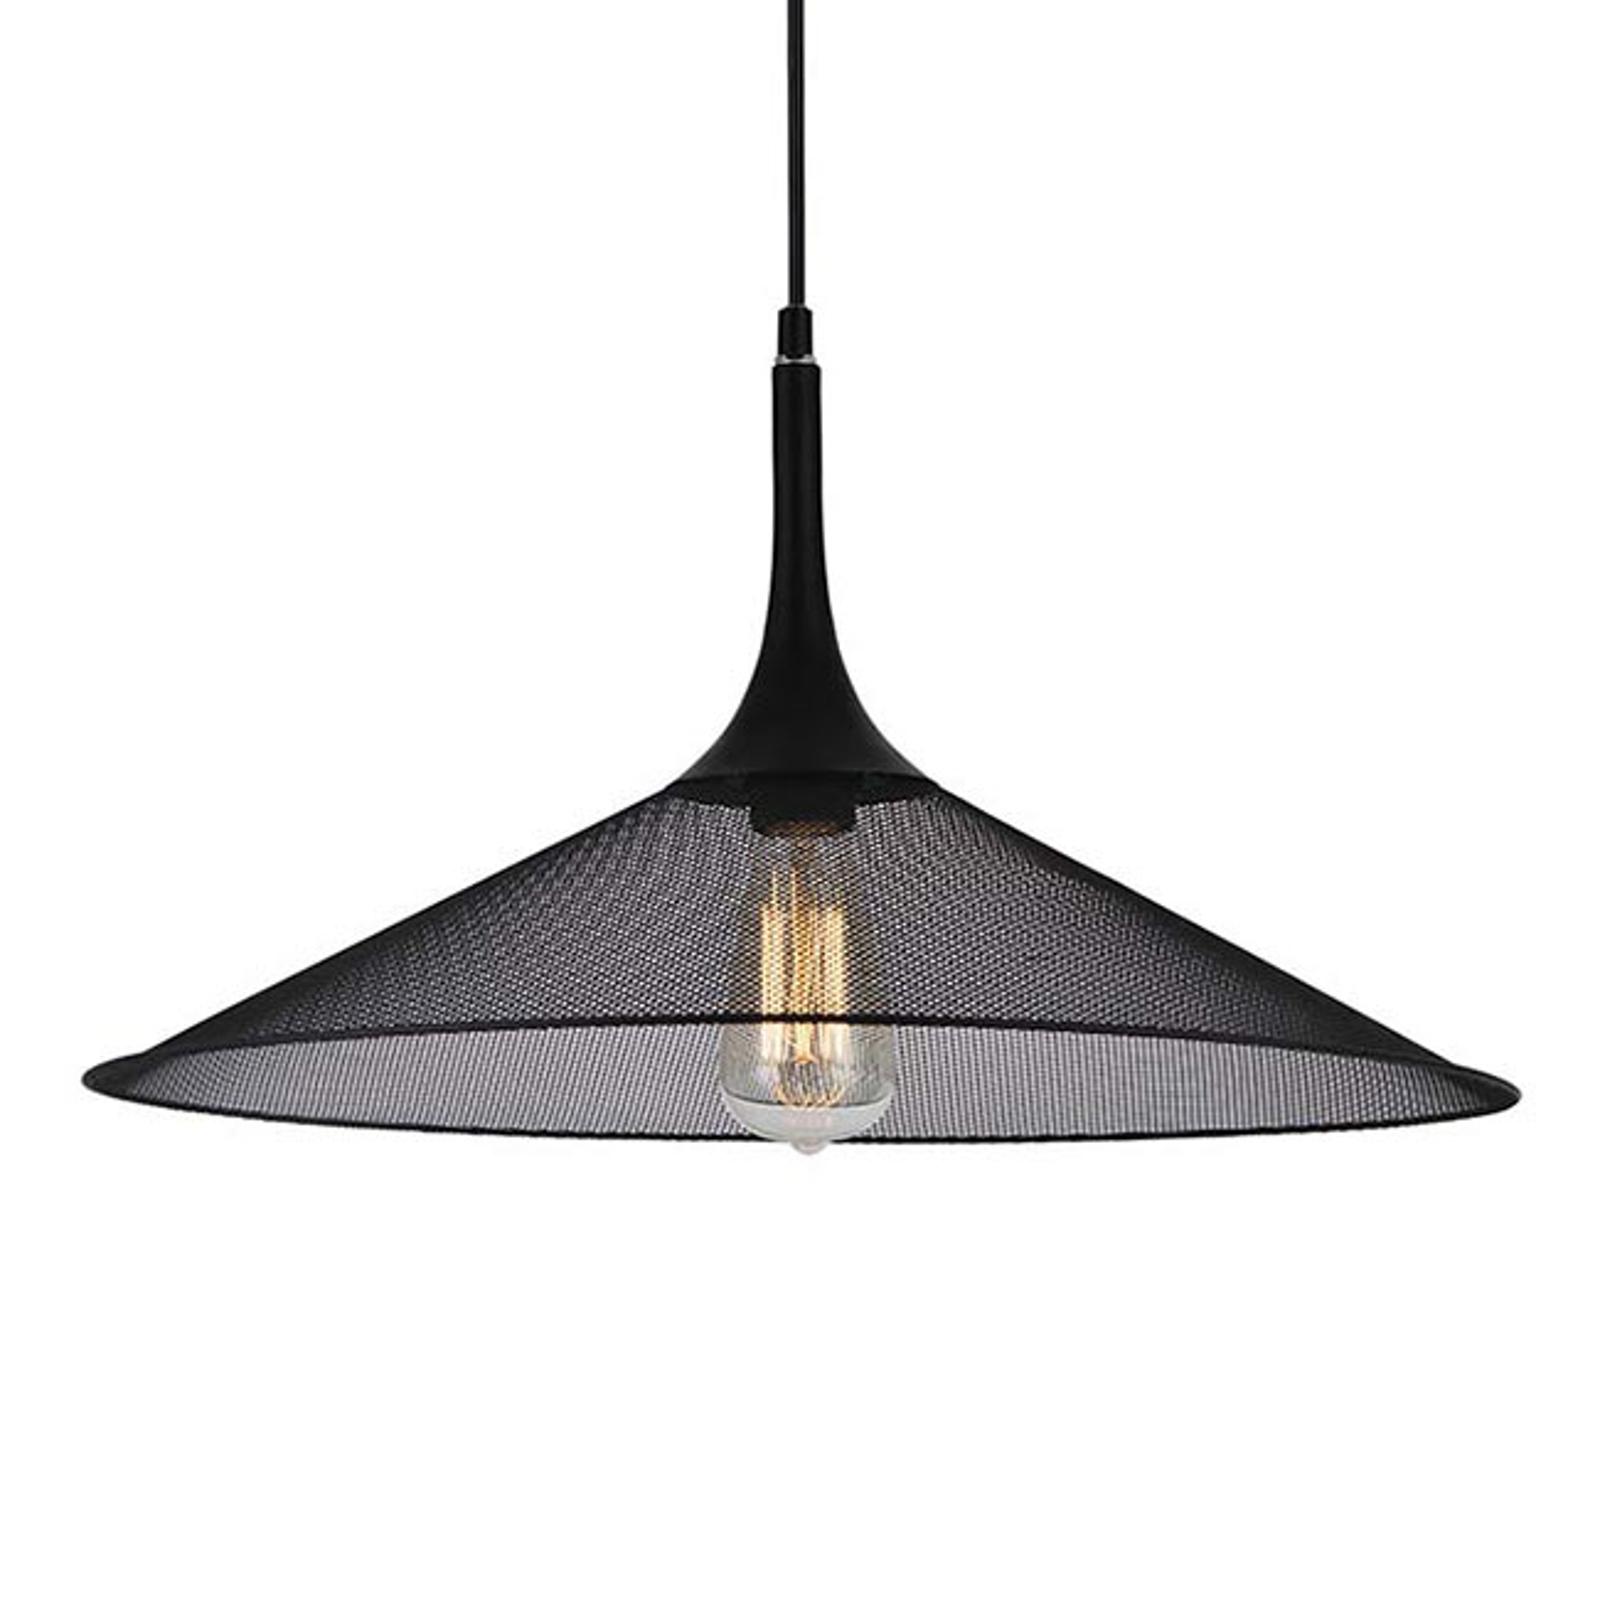 Zwarte metaal-hanglamp Izzy met roosterkap